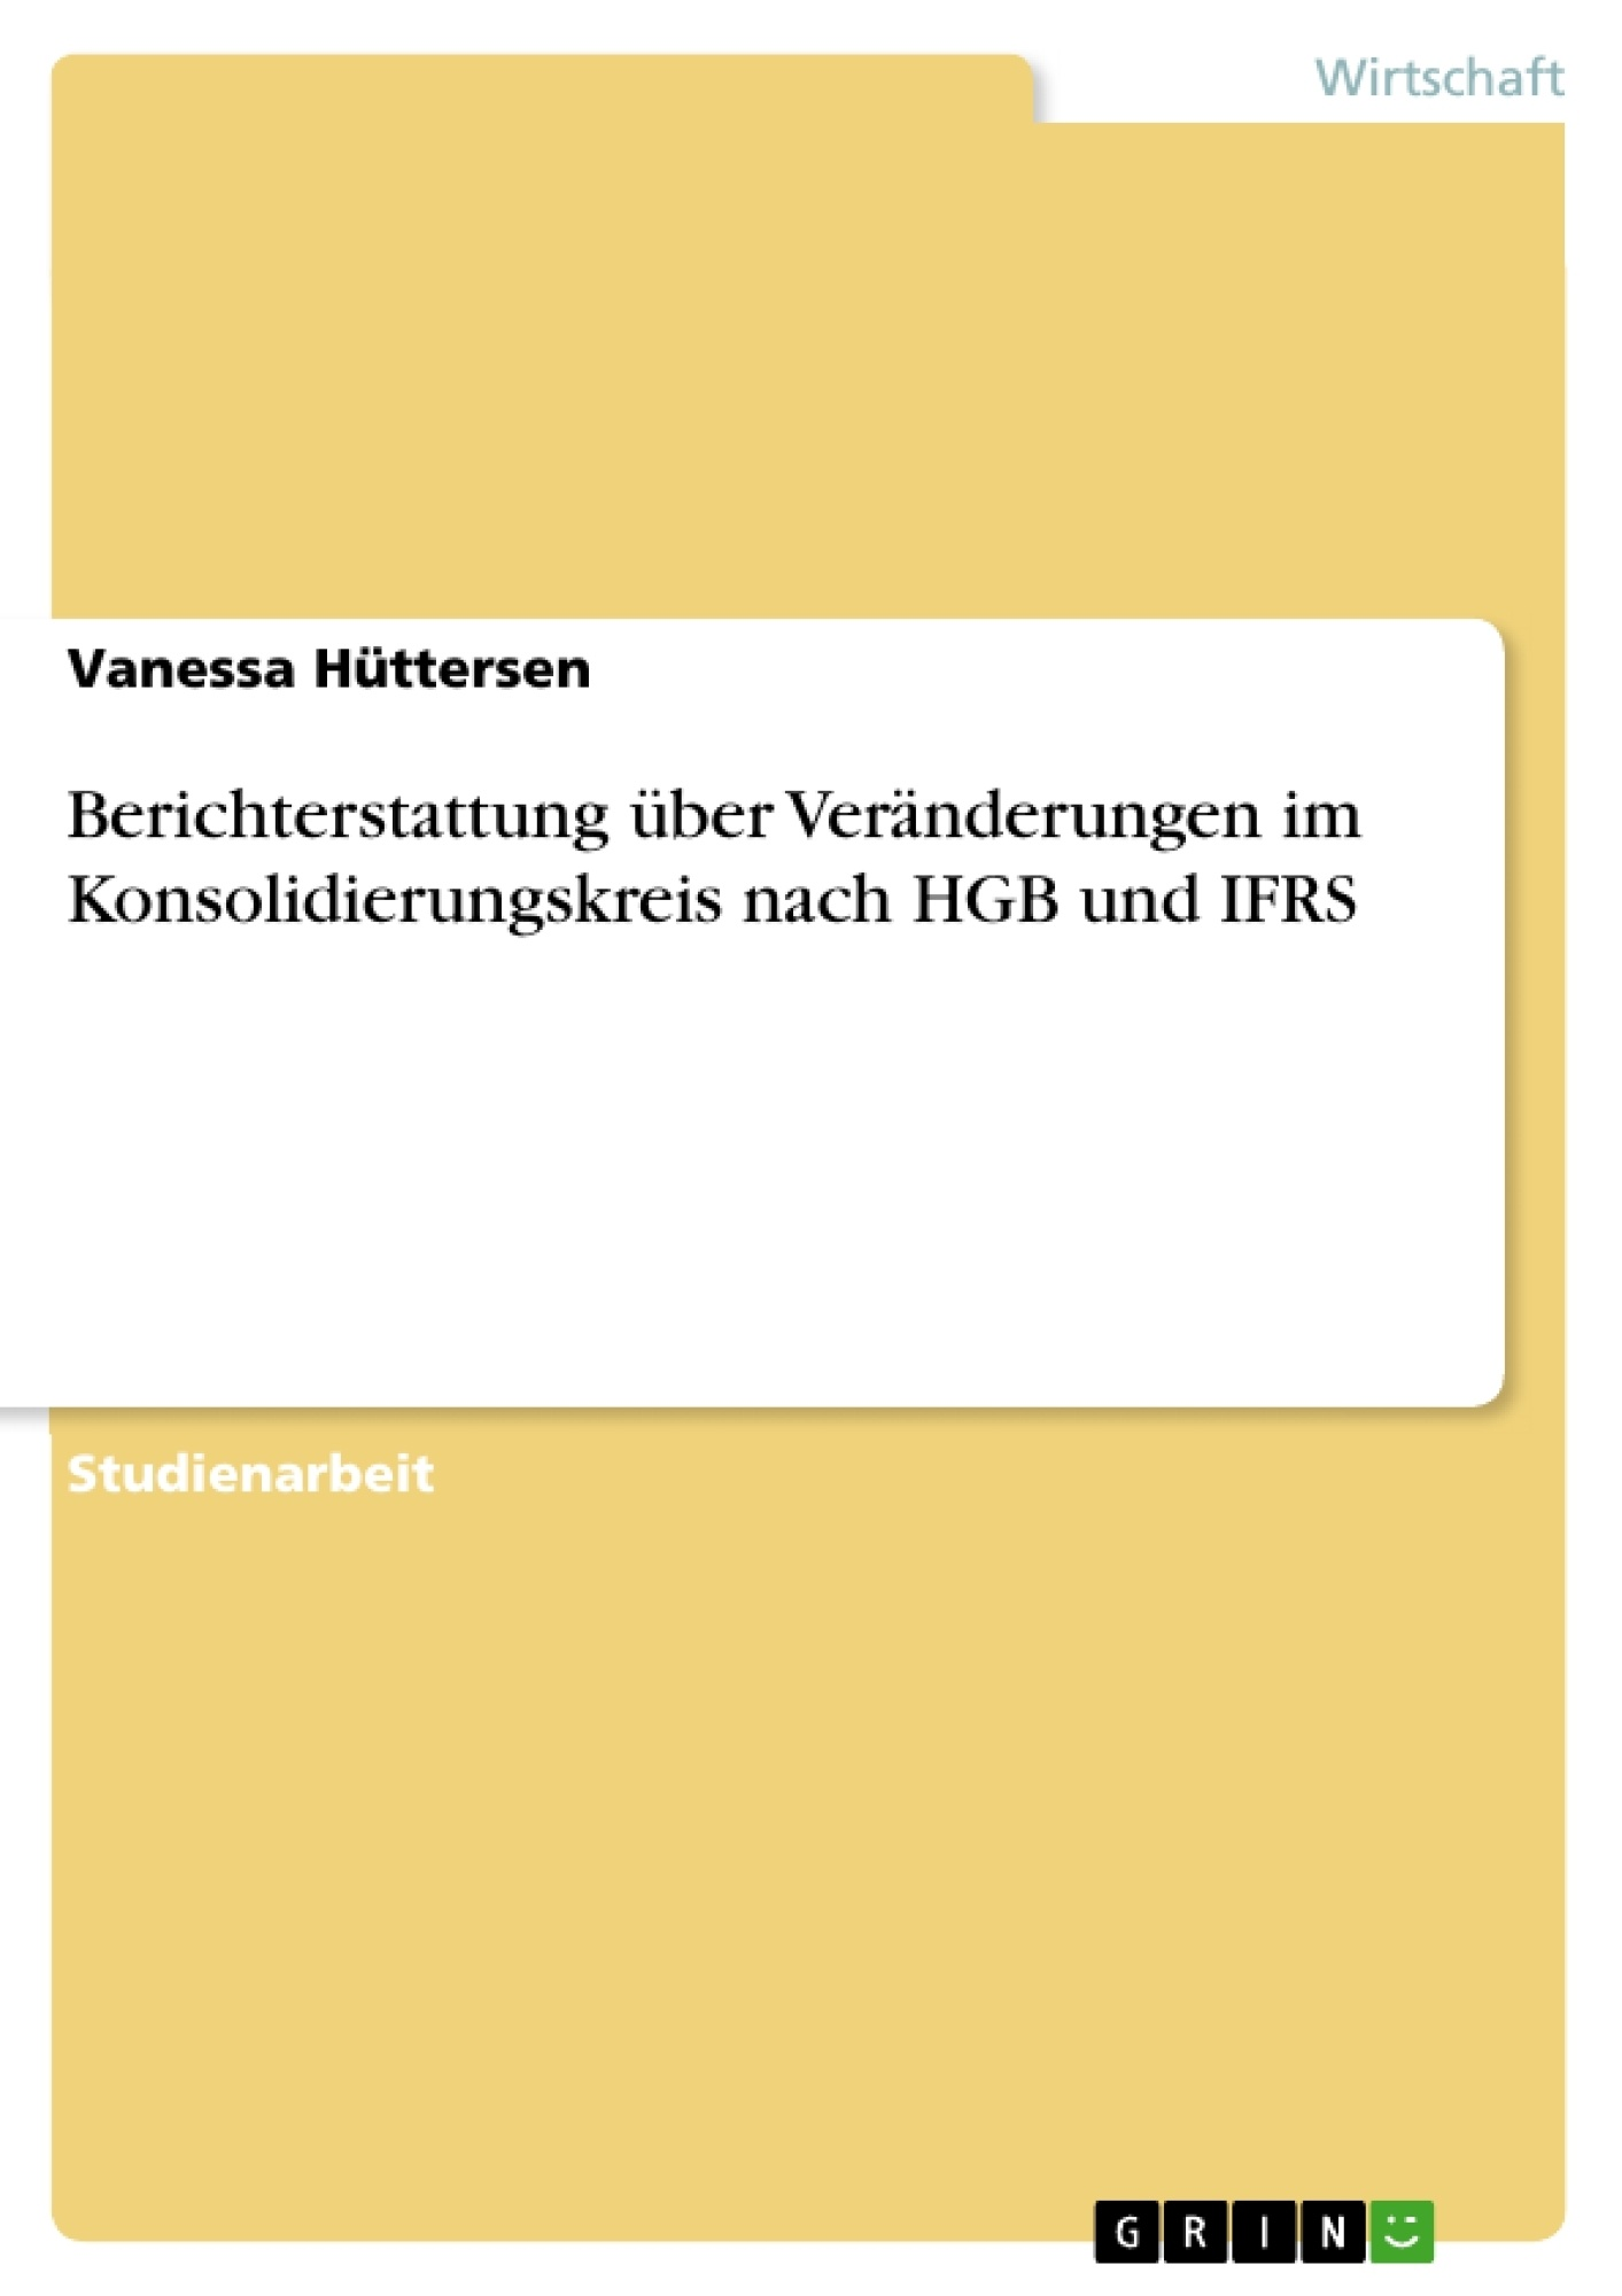 Titel: Berichterstattung über Veränderungen im Konsolidierungskreis nach HGB und IFRS